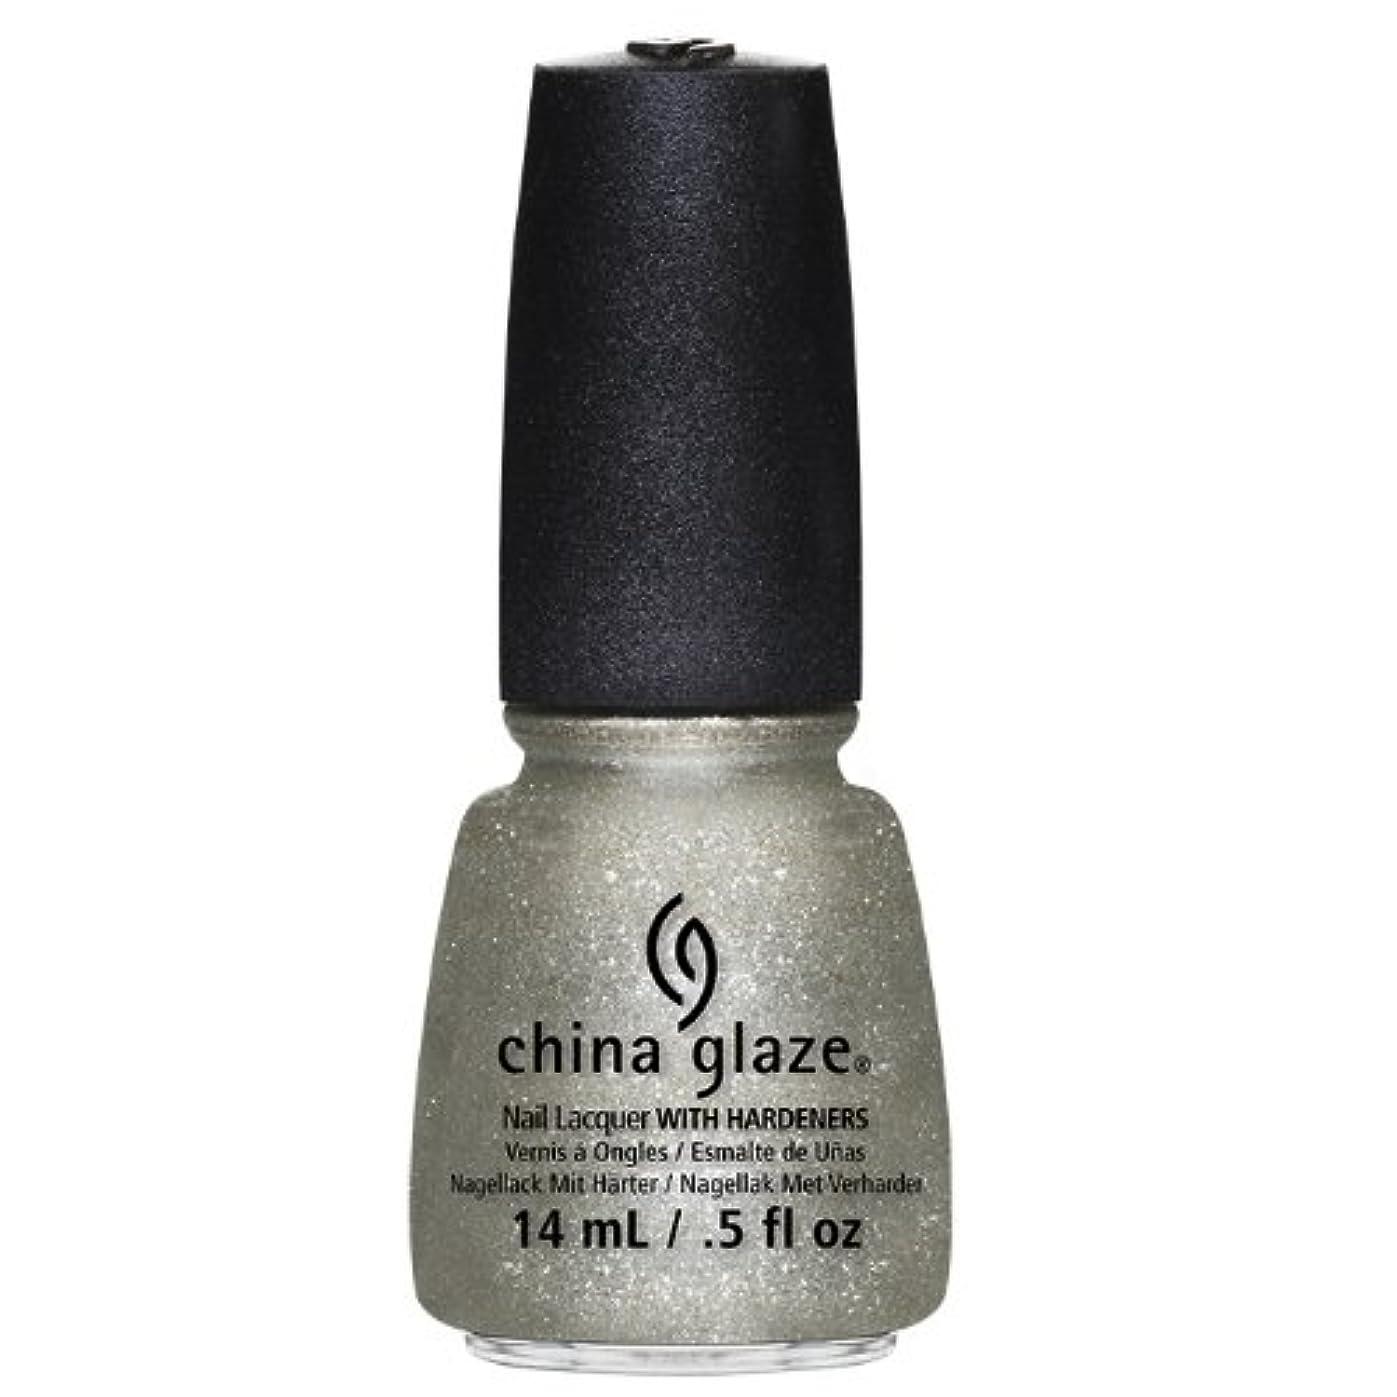 ロマンチックぴかぴか引退した(3 Pack) CHINA GLAZE Nail Lacquer - Autumn Nights - Gossip Over Gimlets (並行輸入品)